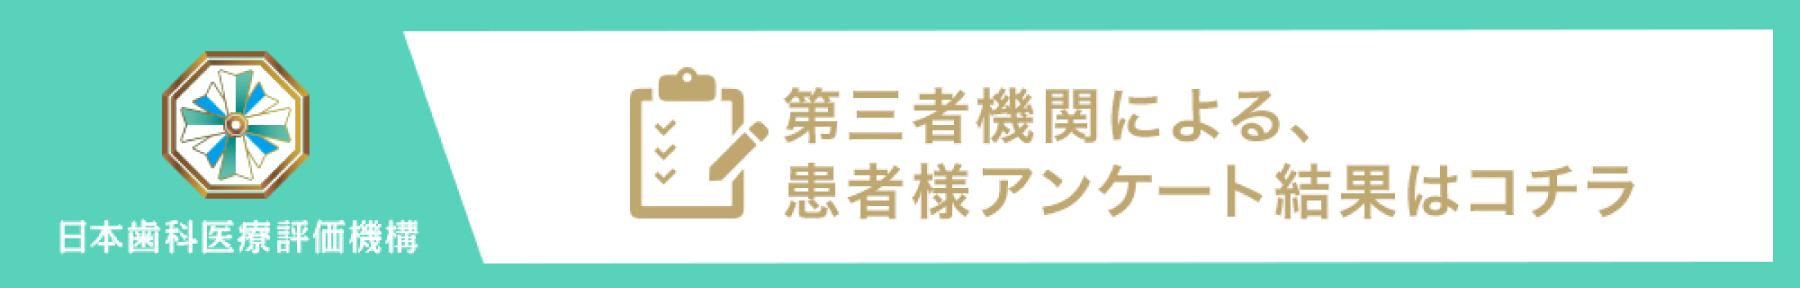 日本⻭科医療評価機構 第三者機関による、患者様アンケート結果はコチラ